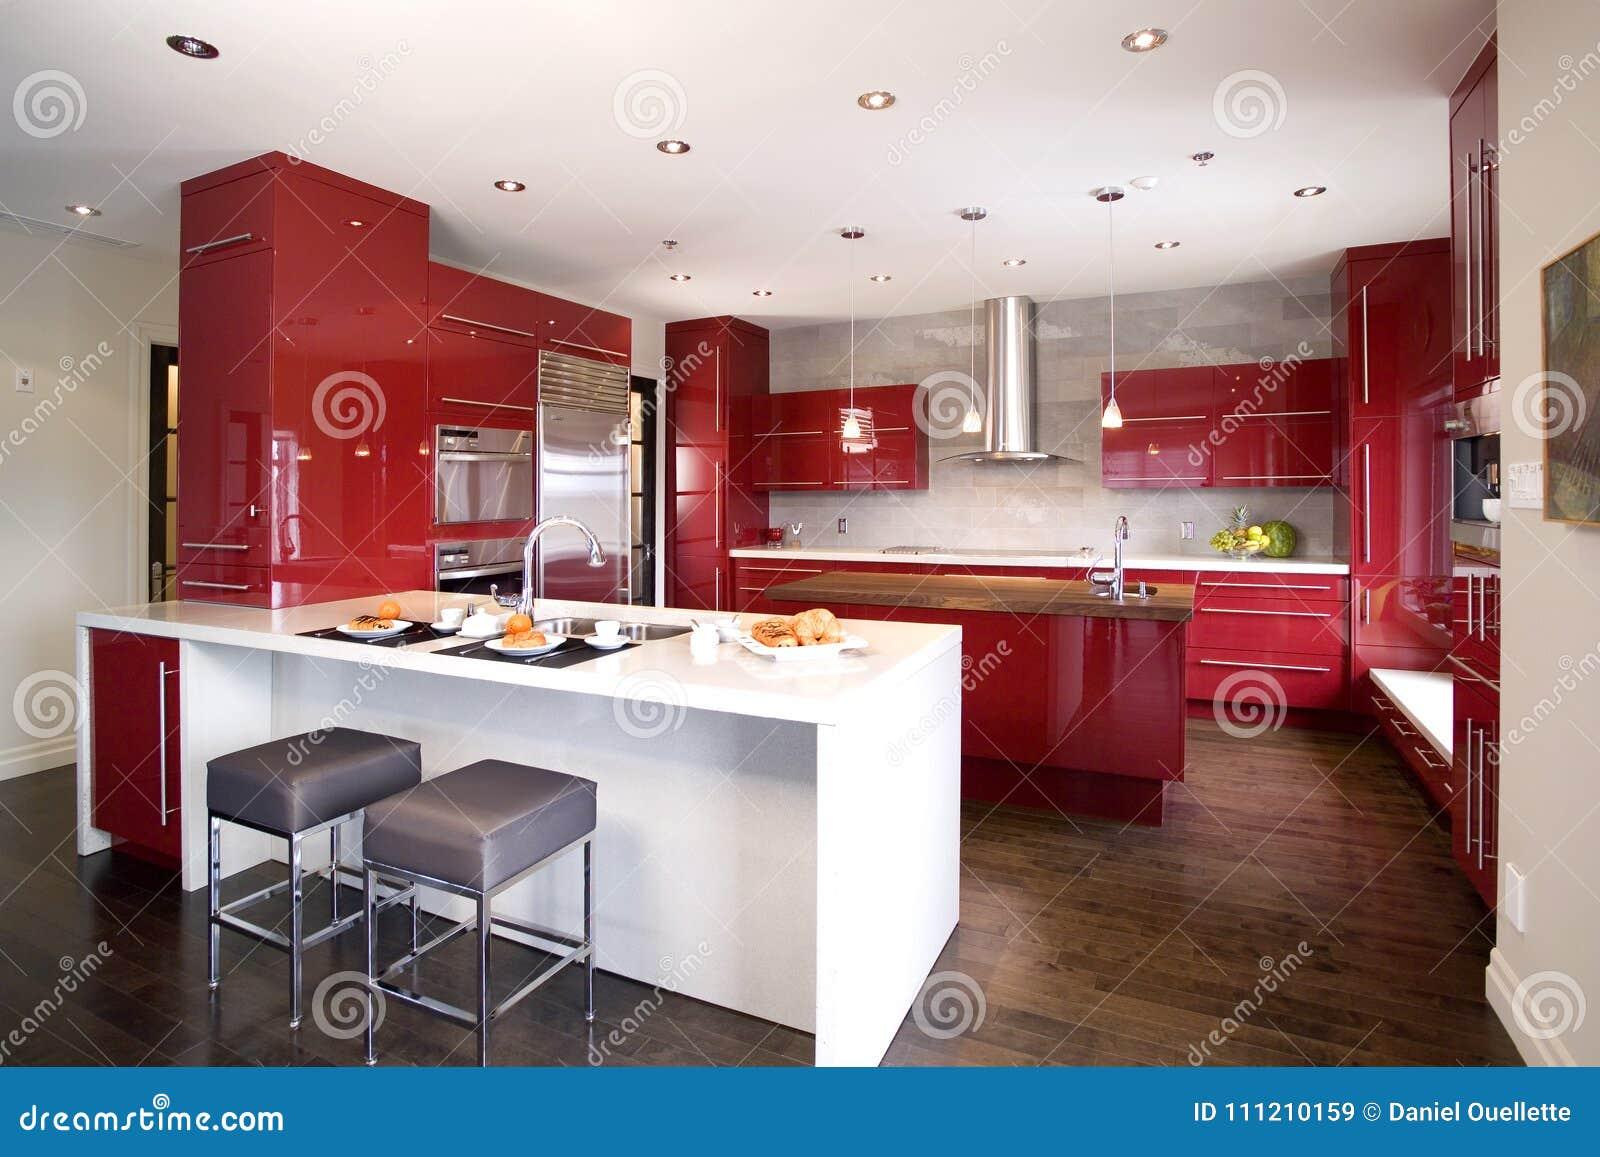 Cocina Moderna Roja Contemporanea Con Diversa Isla 2 Imagen De